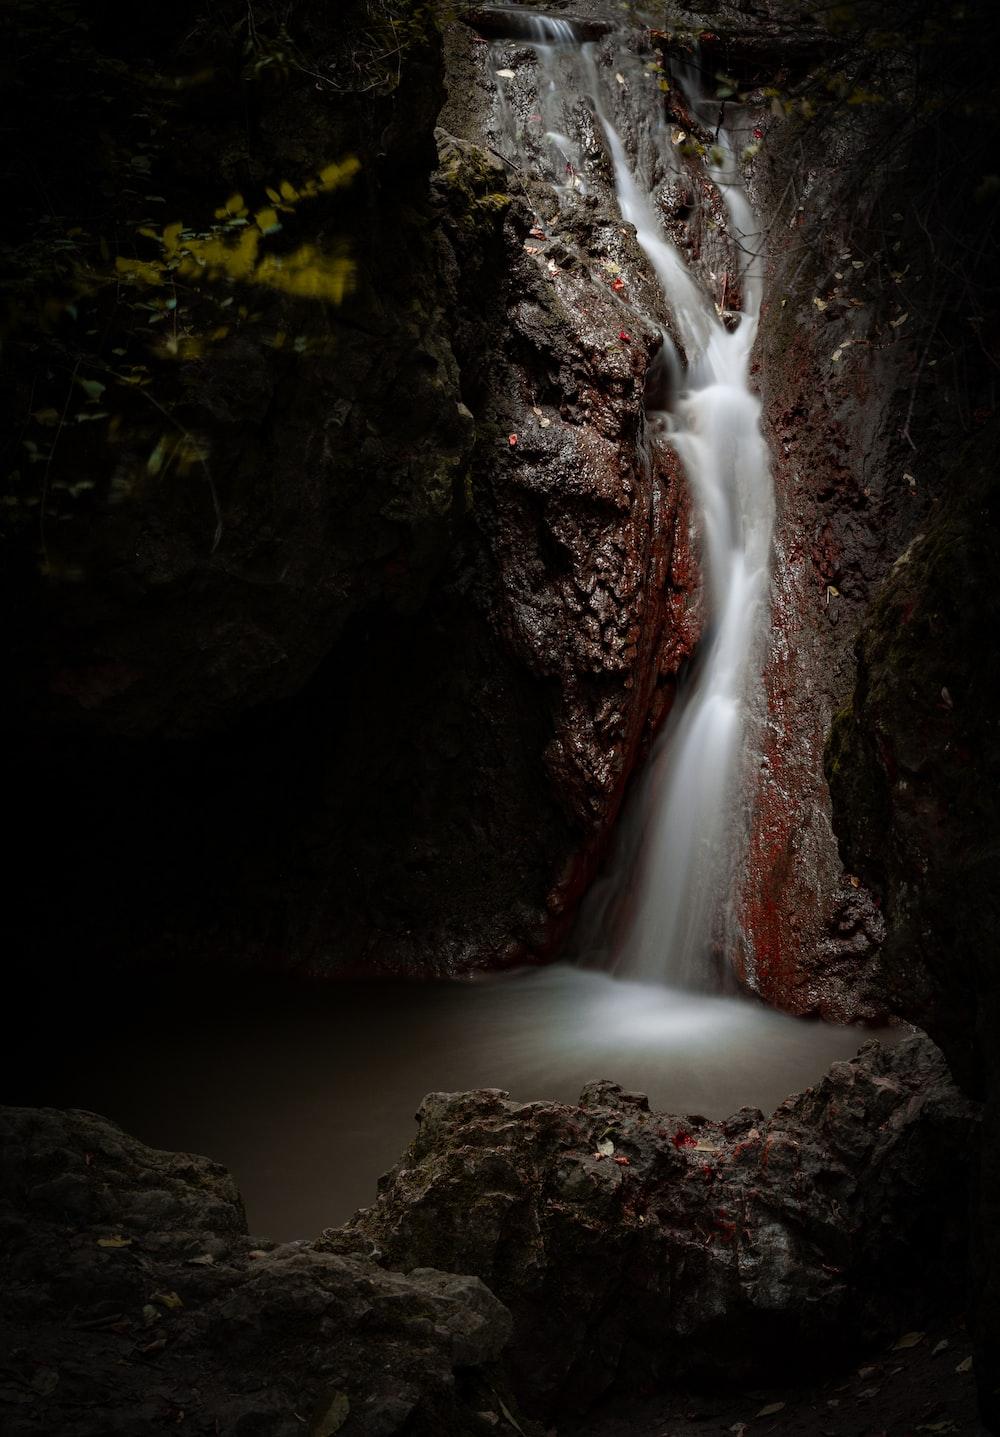 waterfalls between rock formation